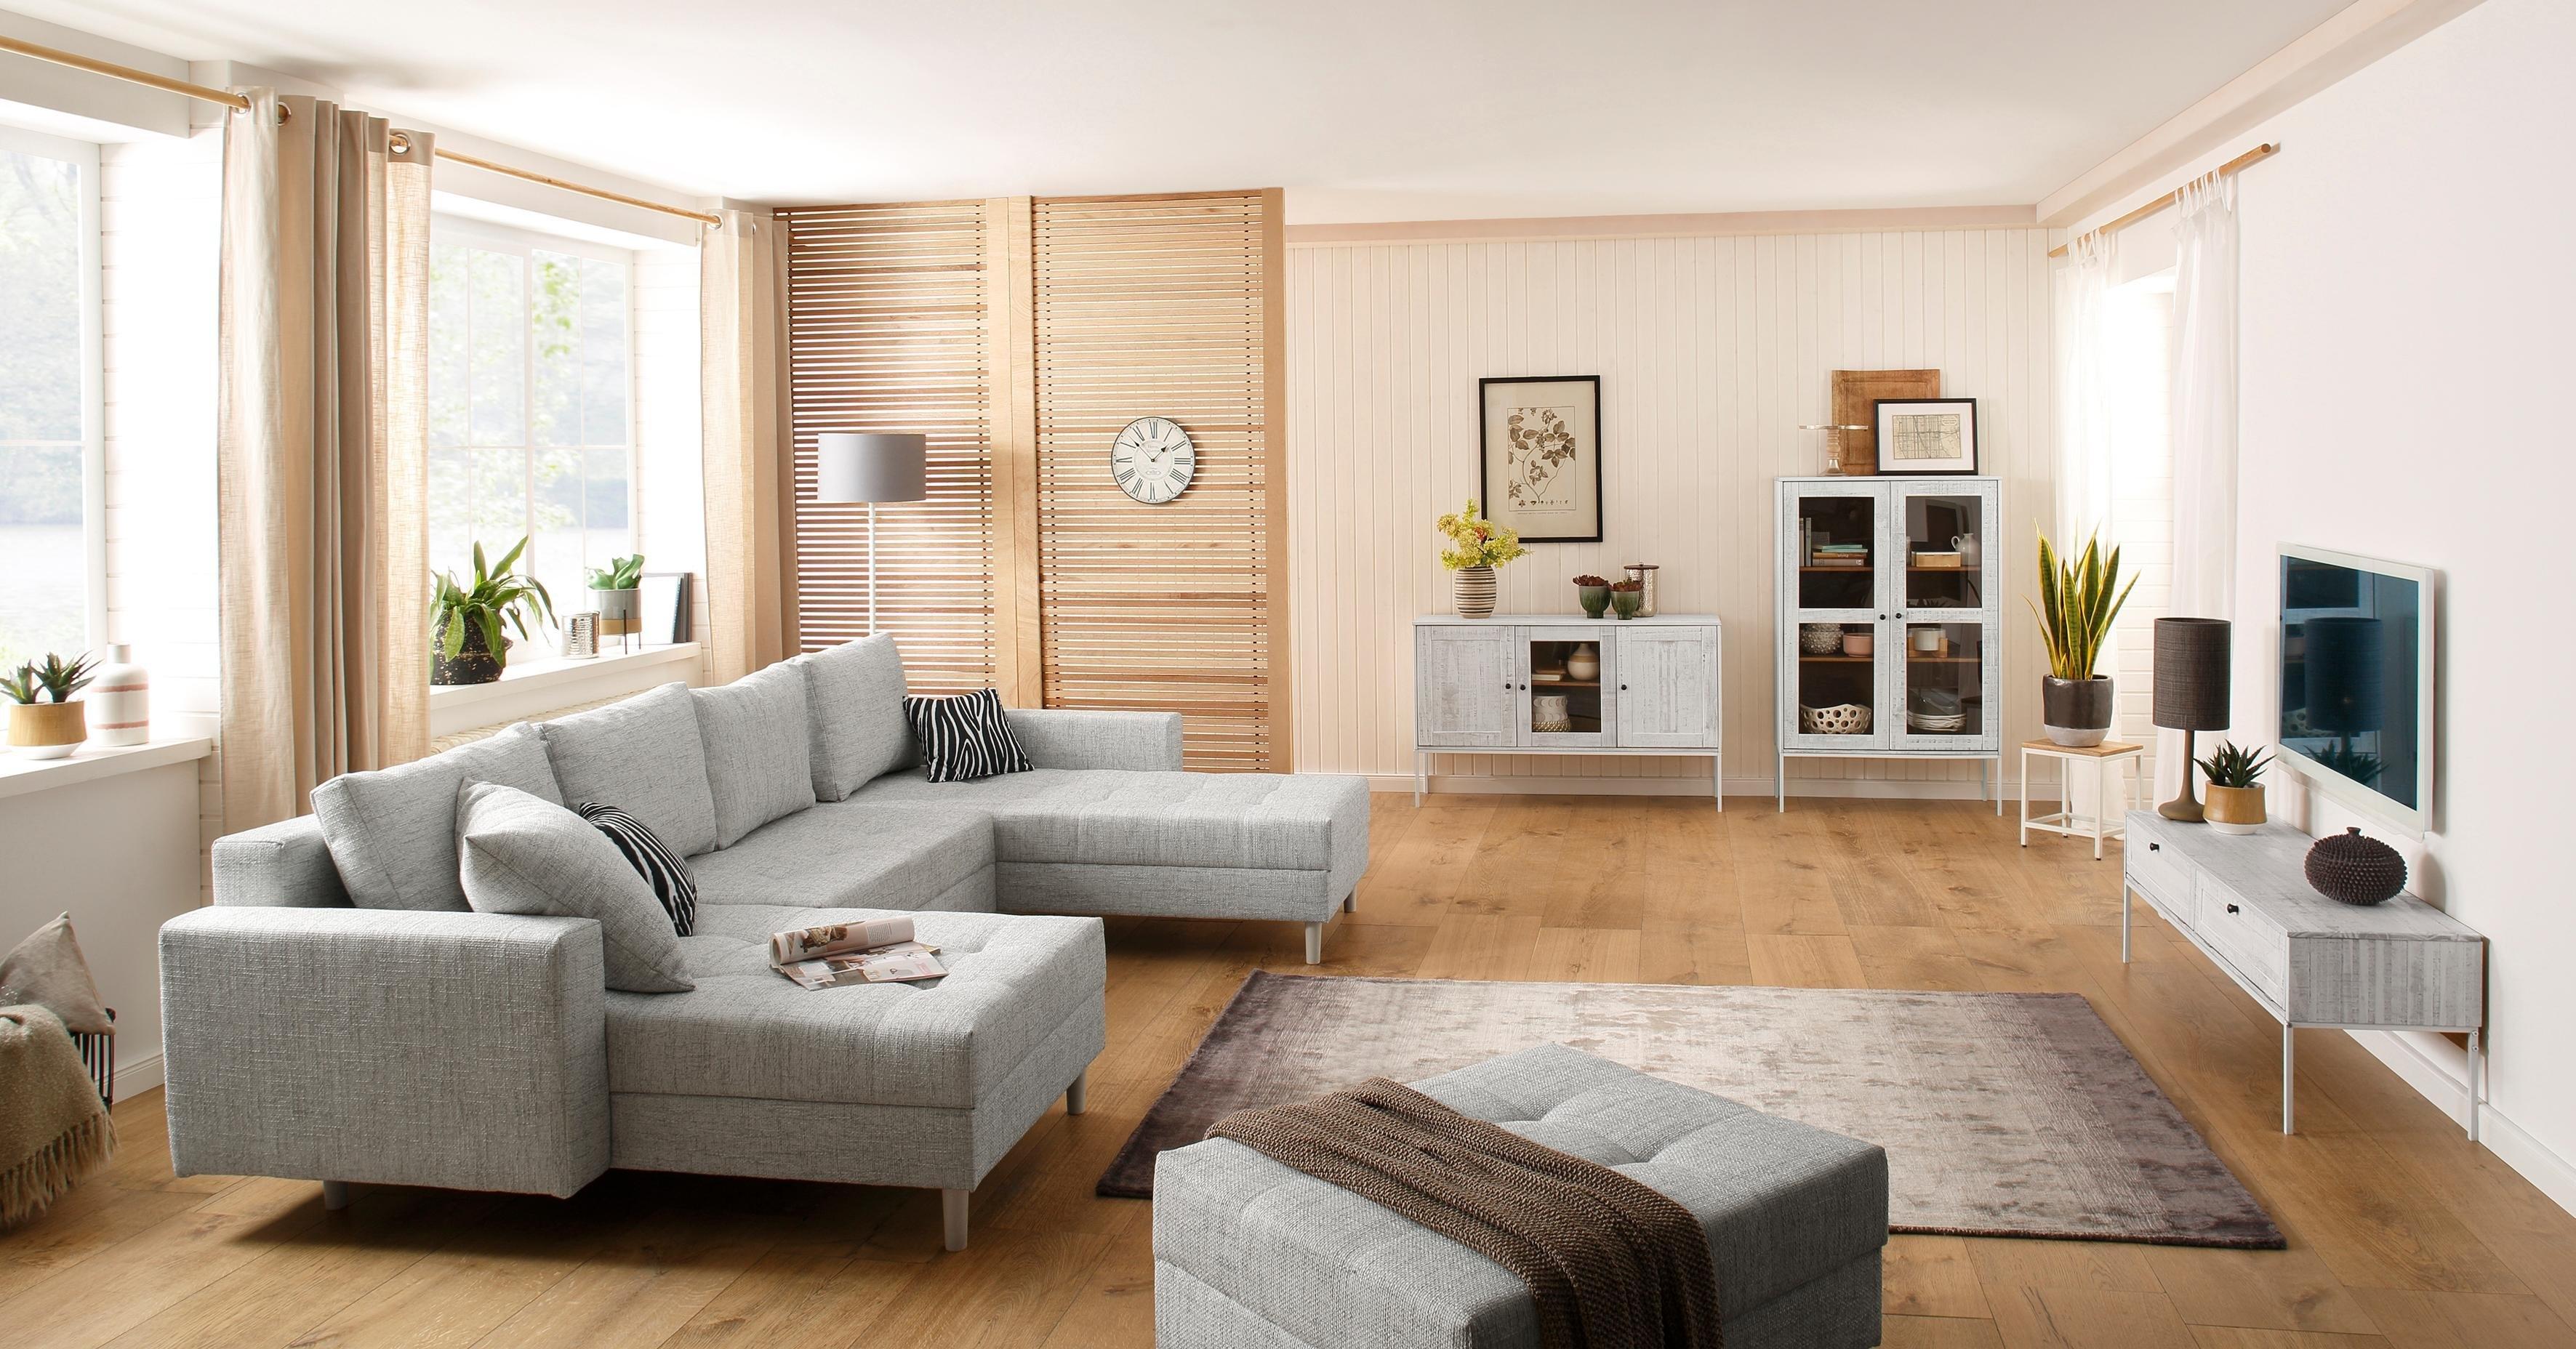 Meubels Massief Hout : Home affaire tv meubel »freya« met 2 kleppen metalen handgrepen